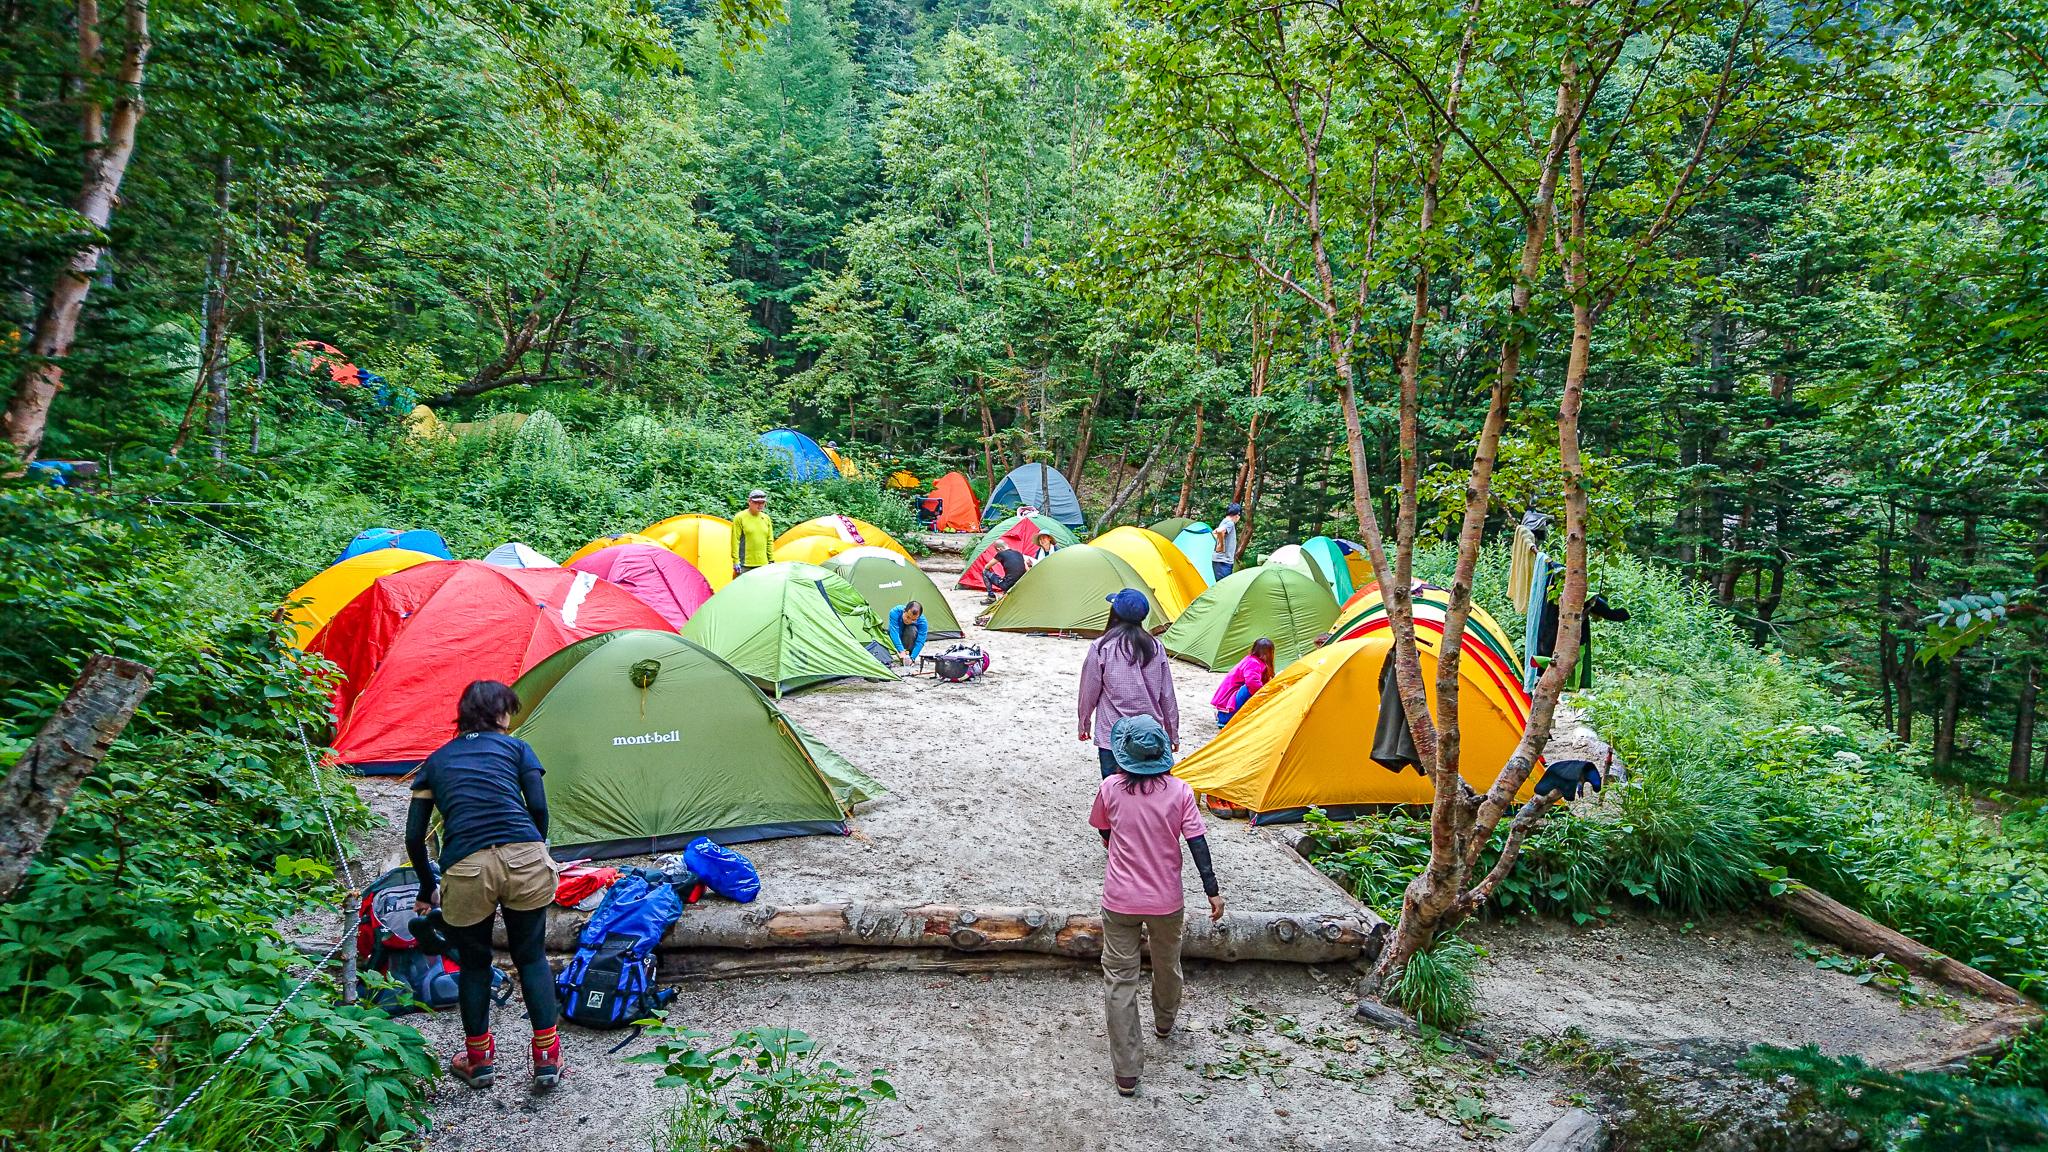 鳳凰三山・鳳凰小屋のテント場